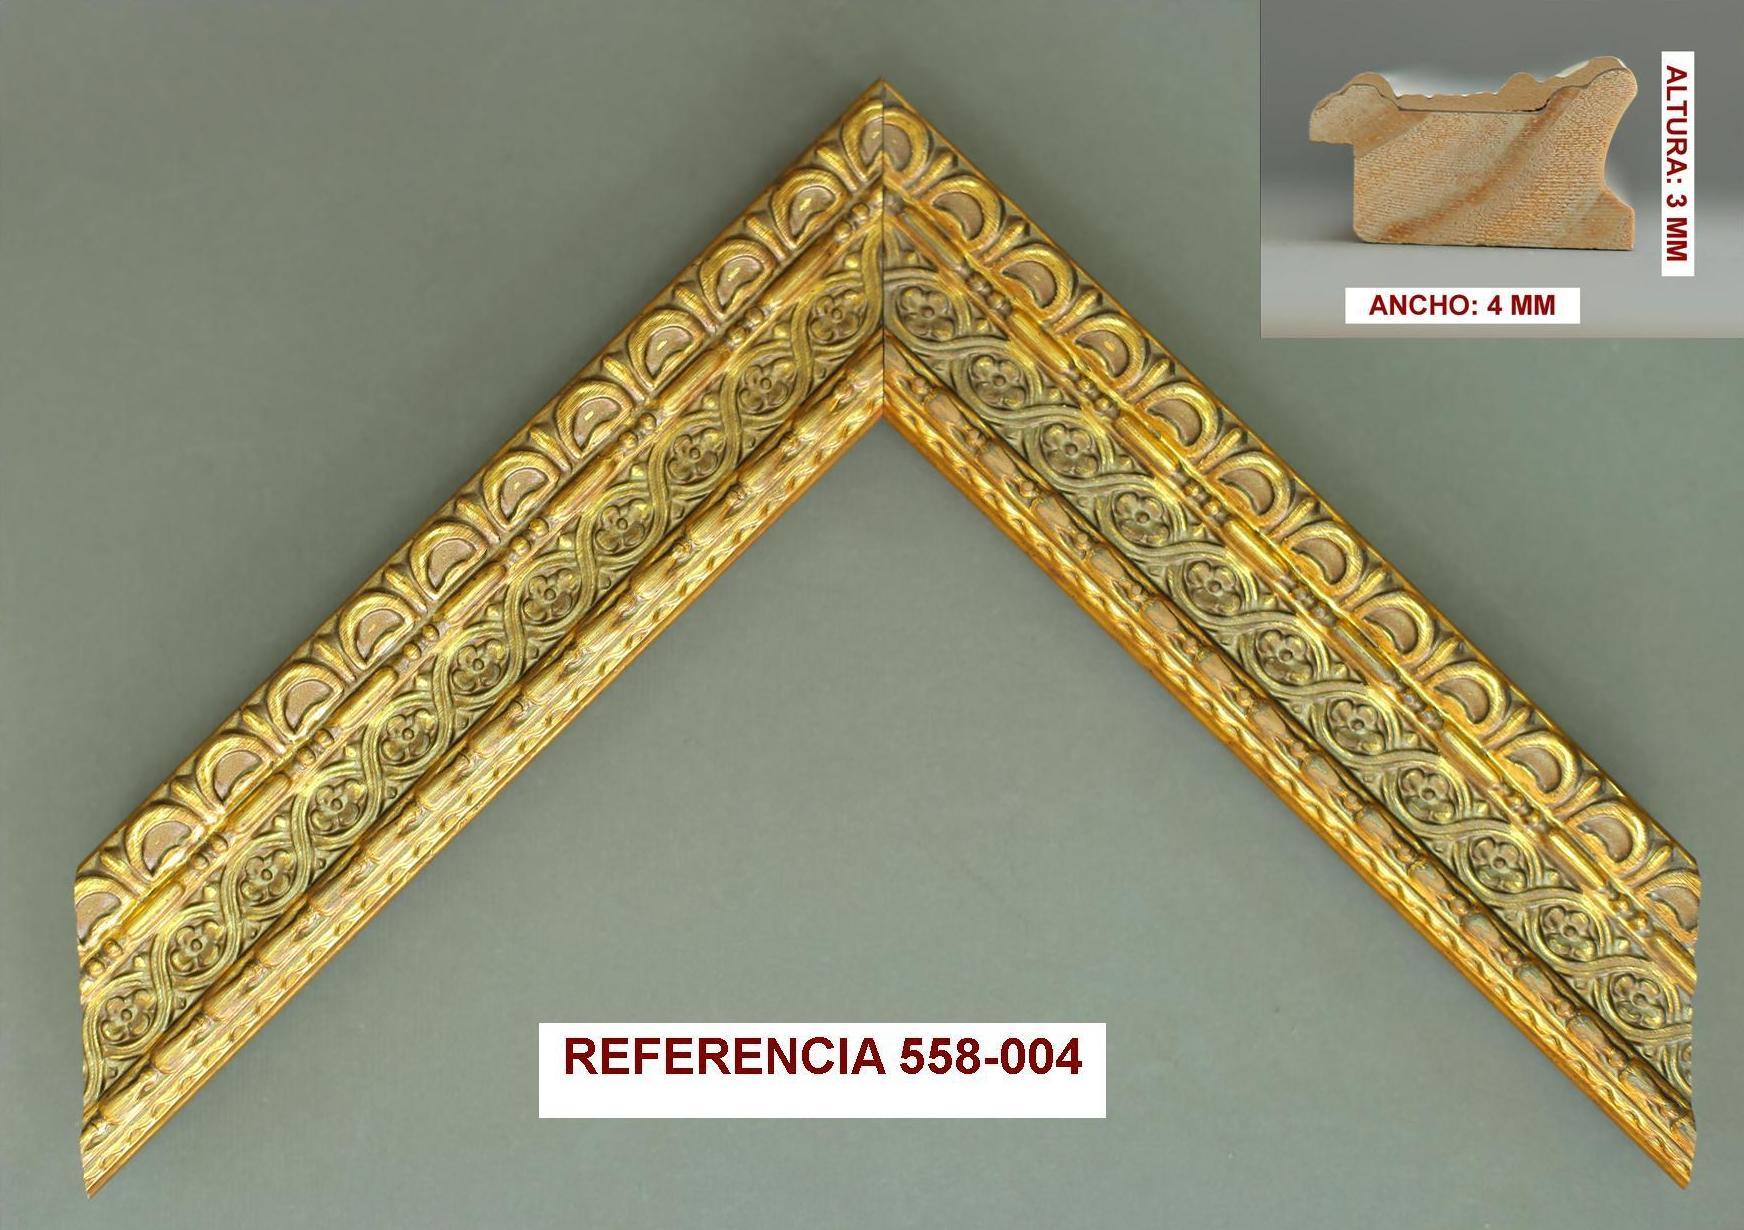 REF 558-004: Muestrario de Moldusevilla